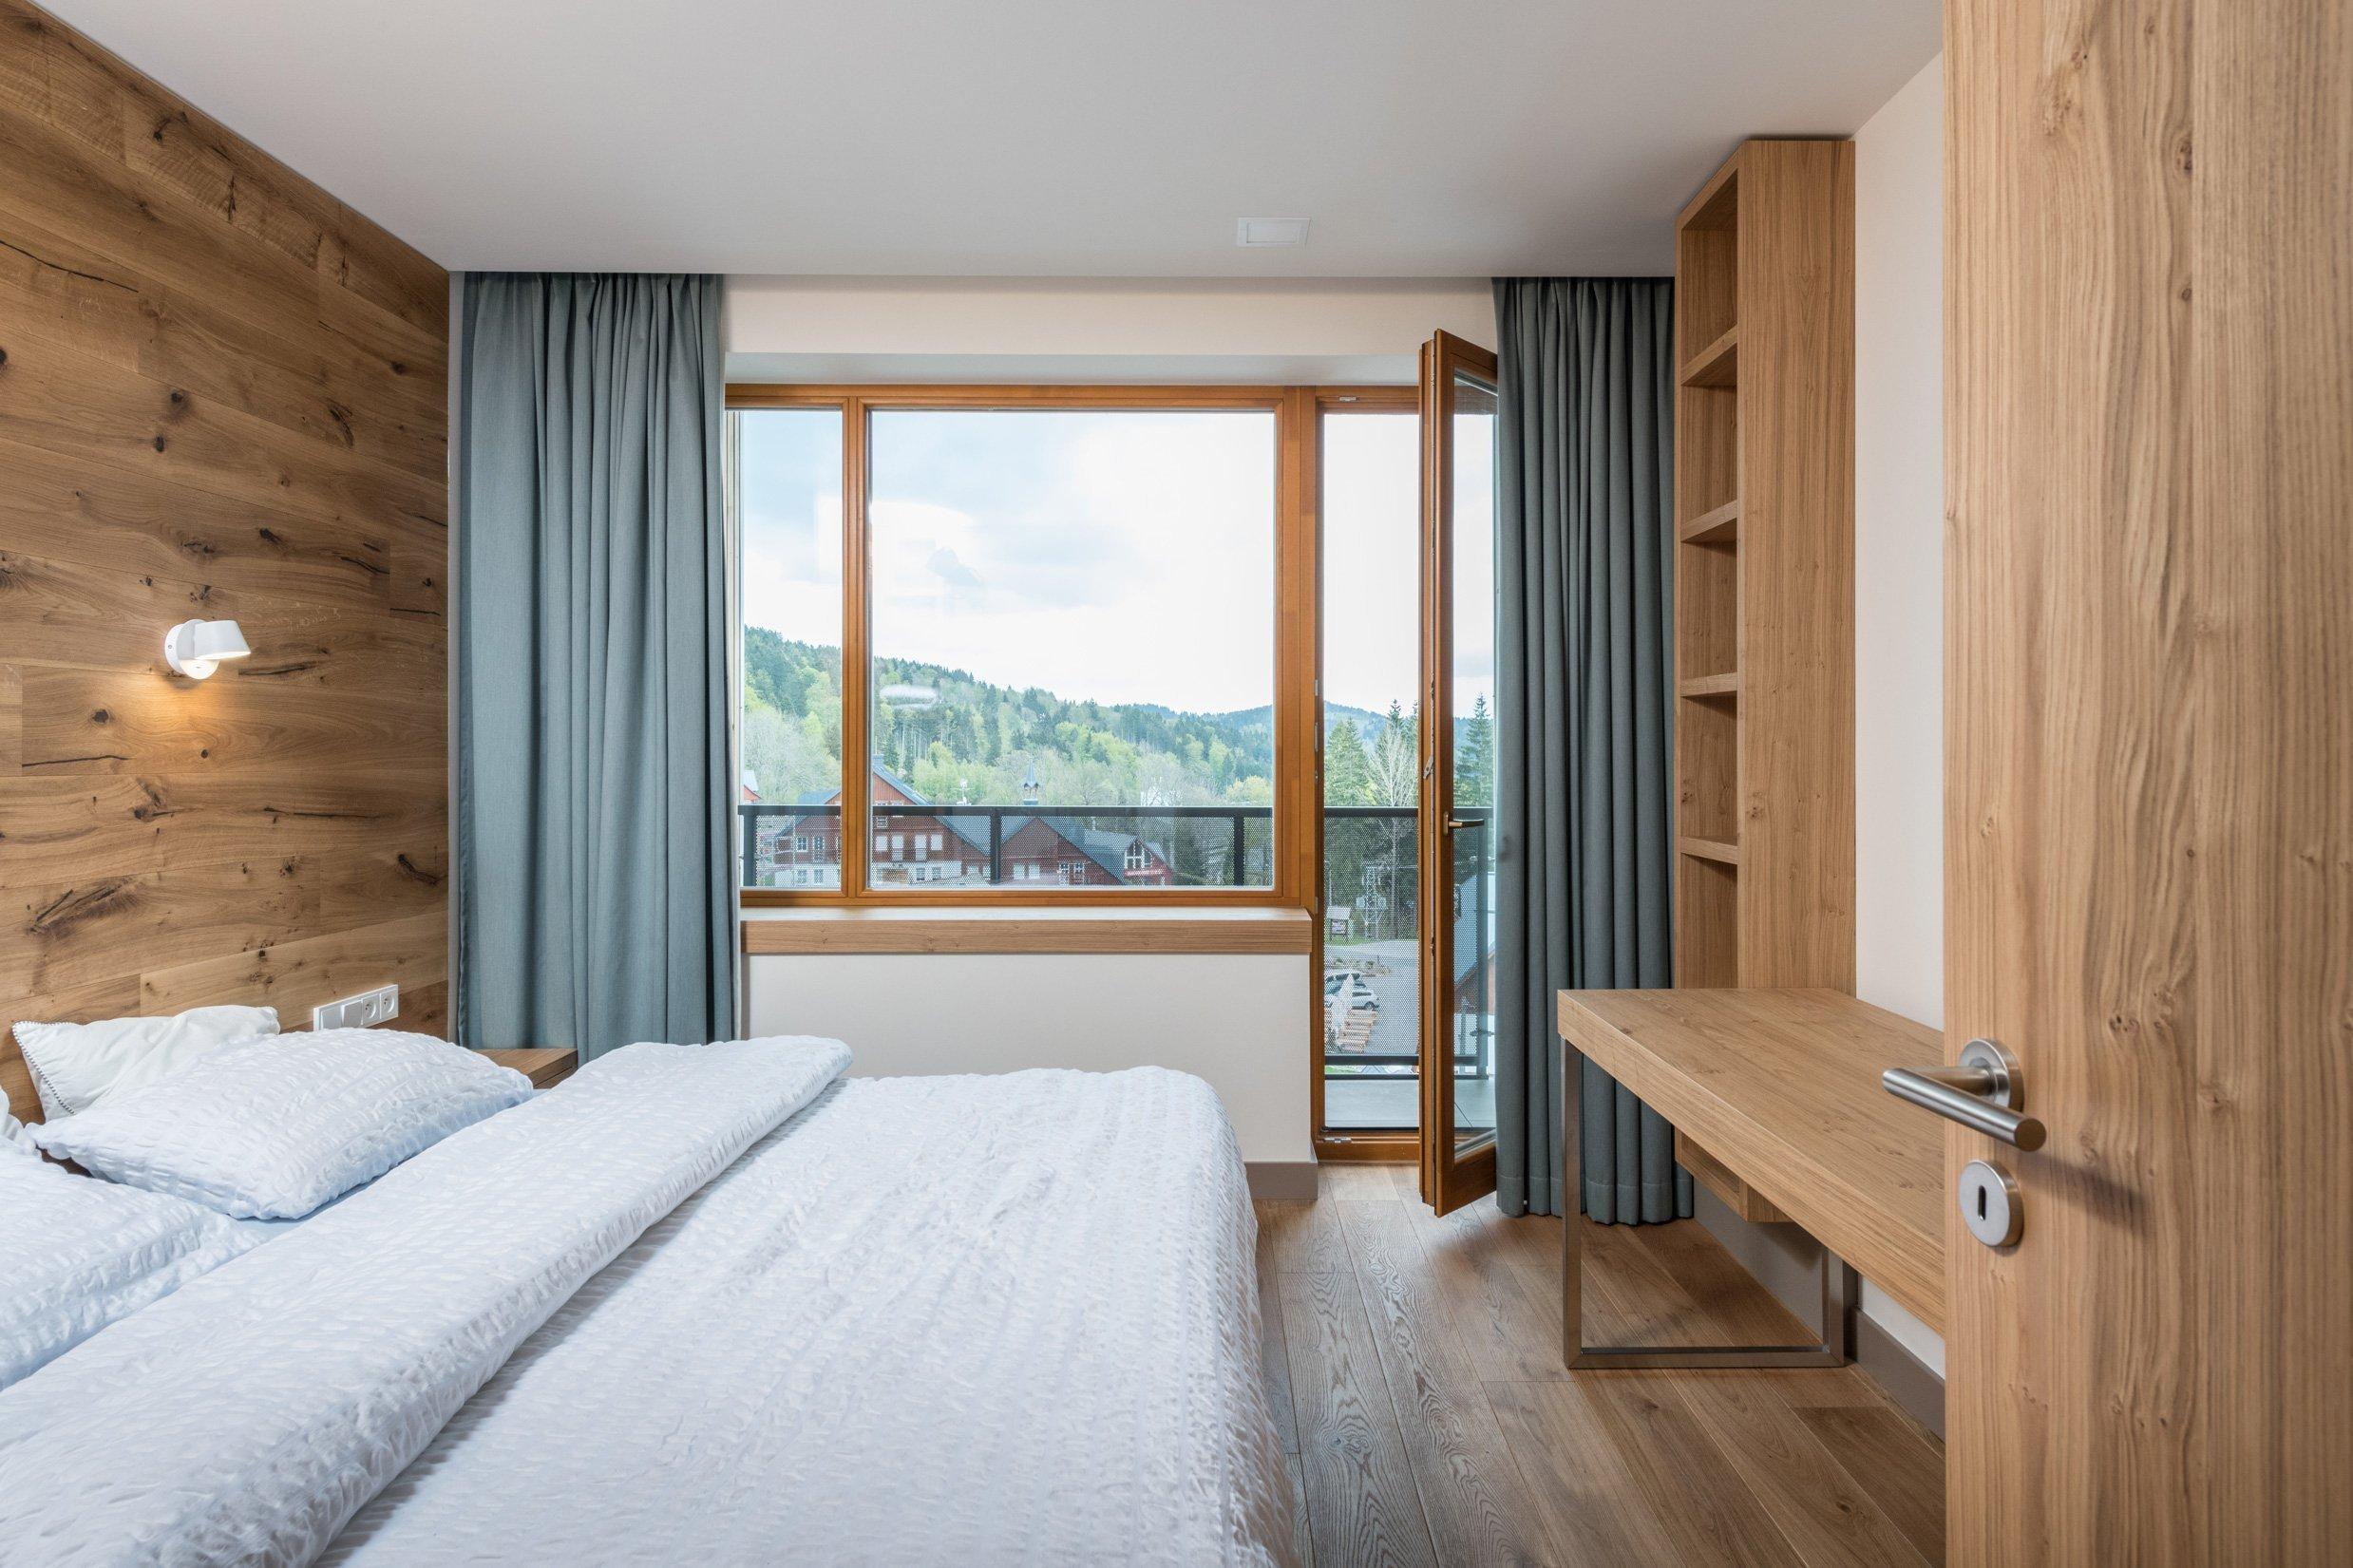 Přestavba rekreačního bytu řešila požadavky mladé rodiny na pohodlný pobyt o víkendech a dovolených: dvě samostatné ložnice, velkou obytnou kuchyň s možností…